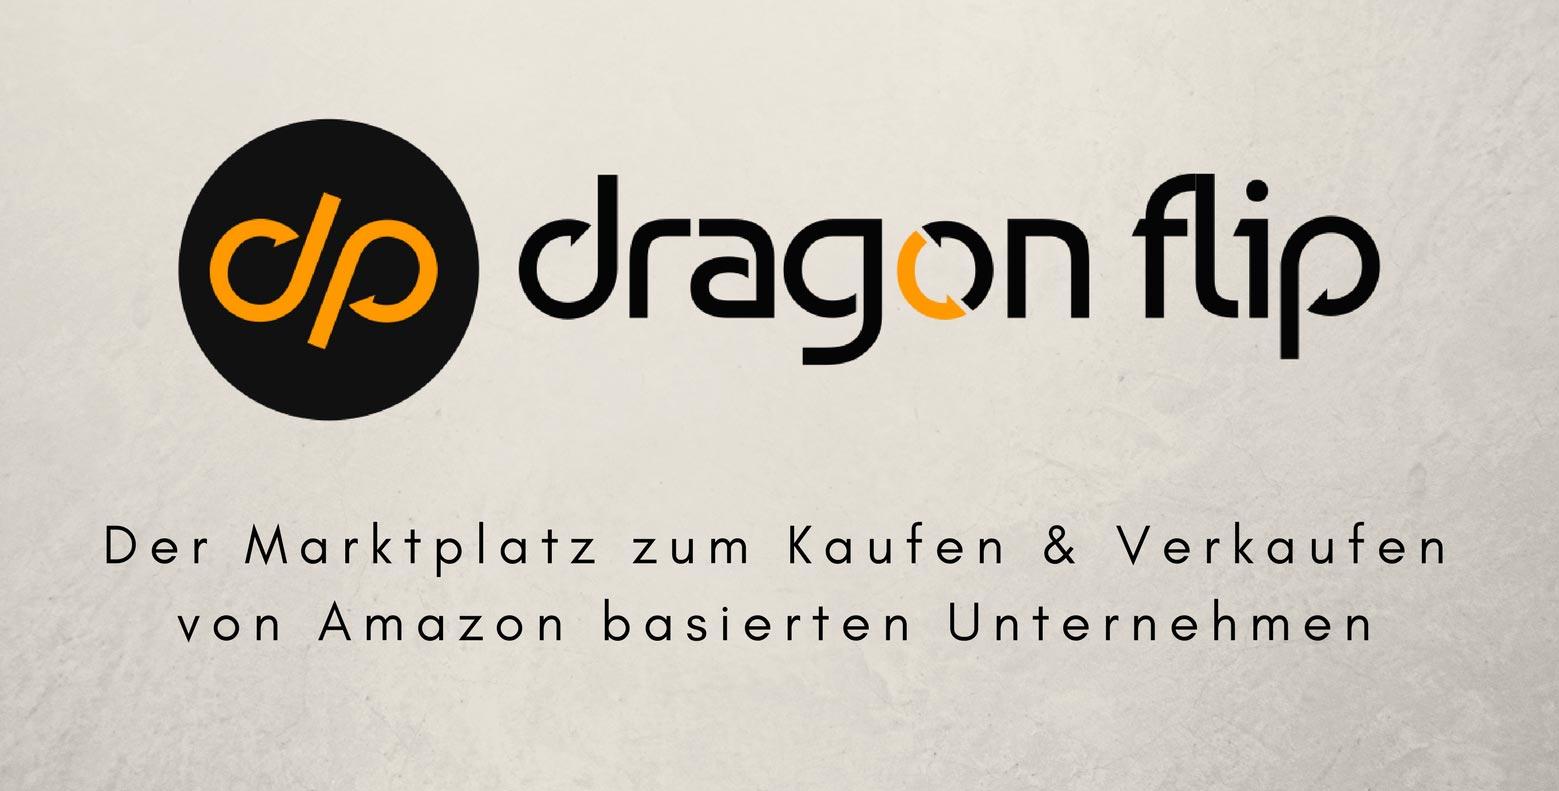 Amazon FBA Business verkaufen mit Dragonflip